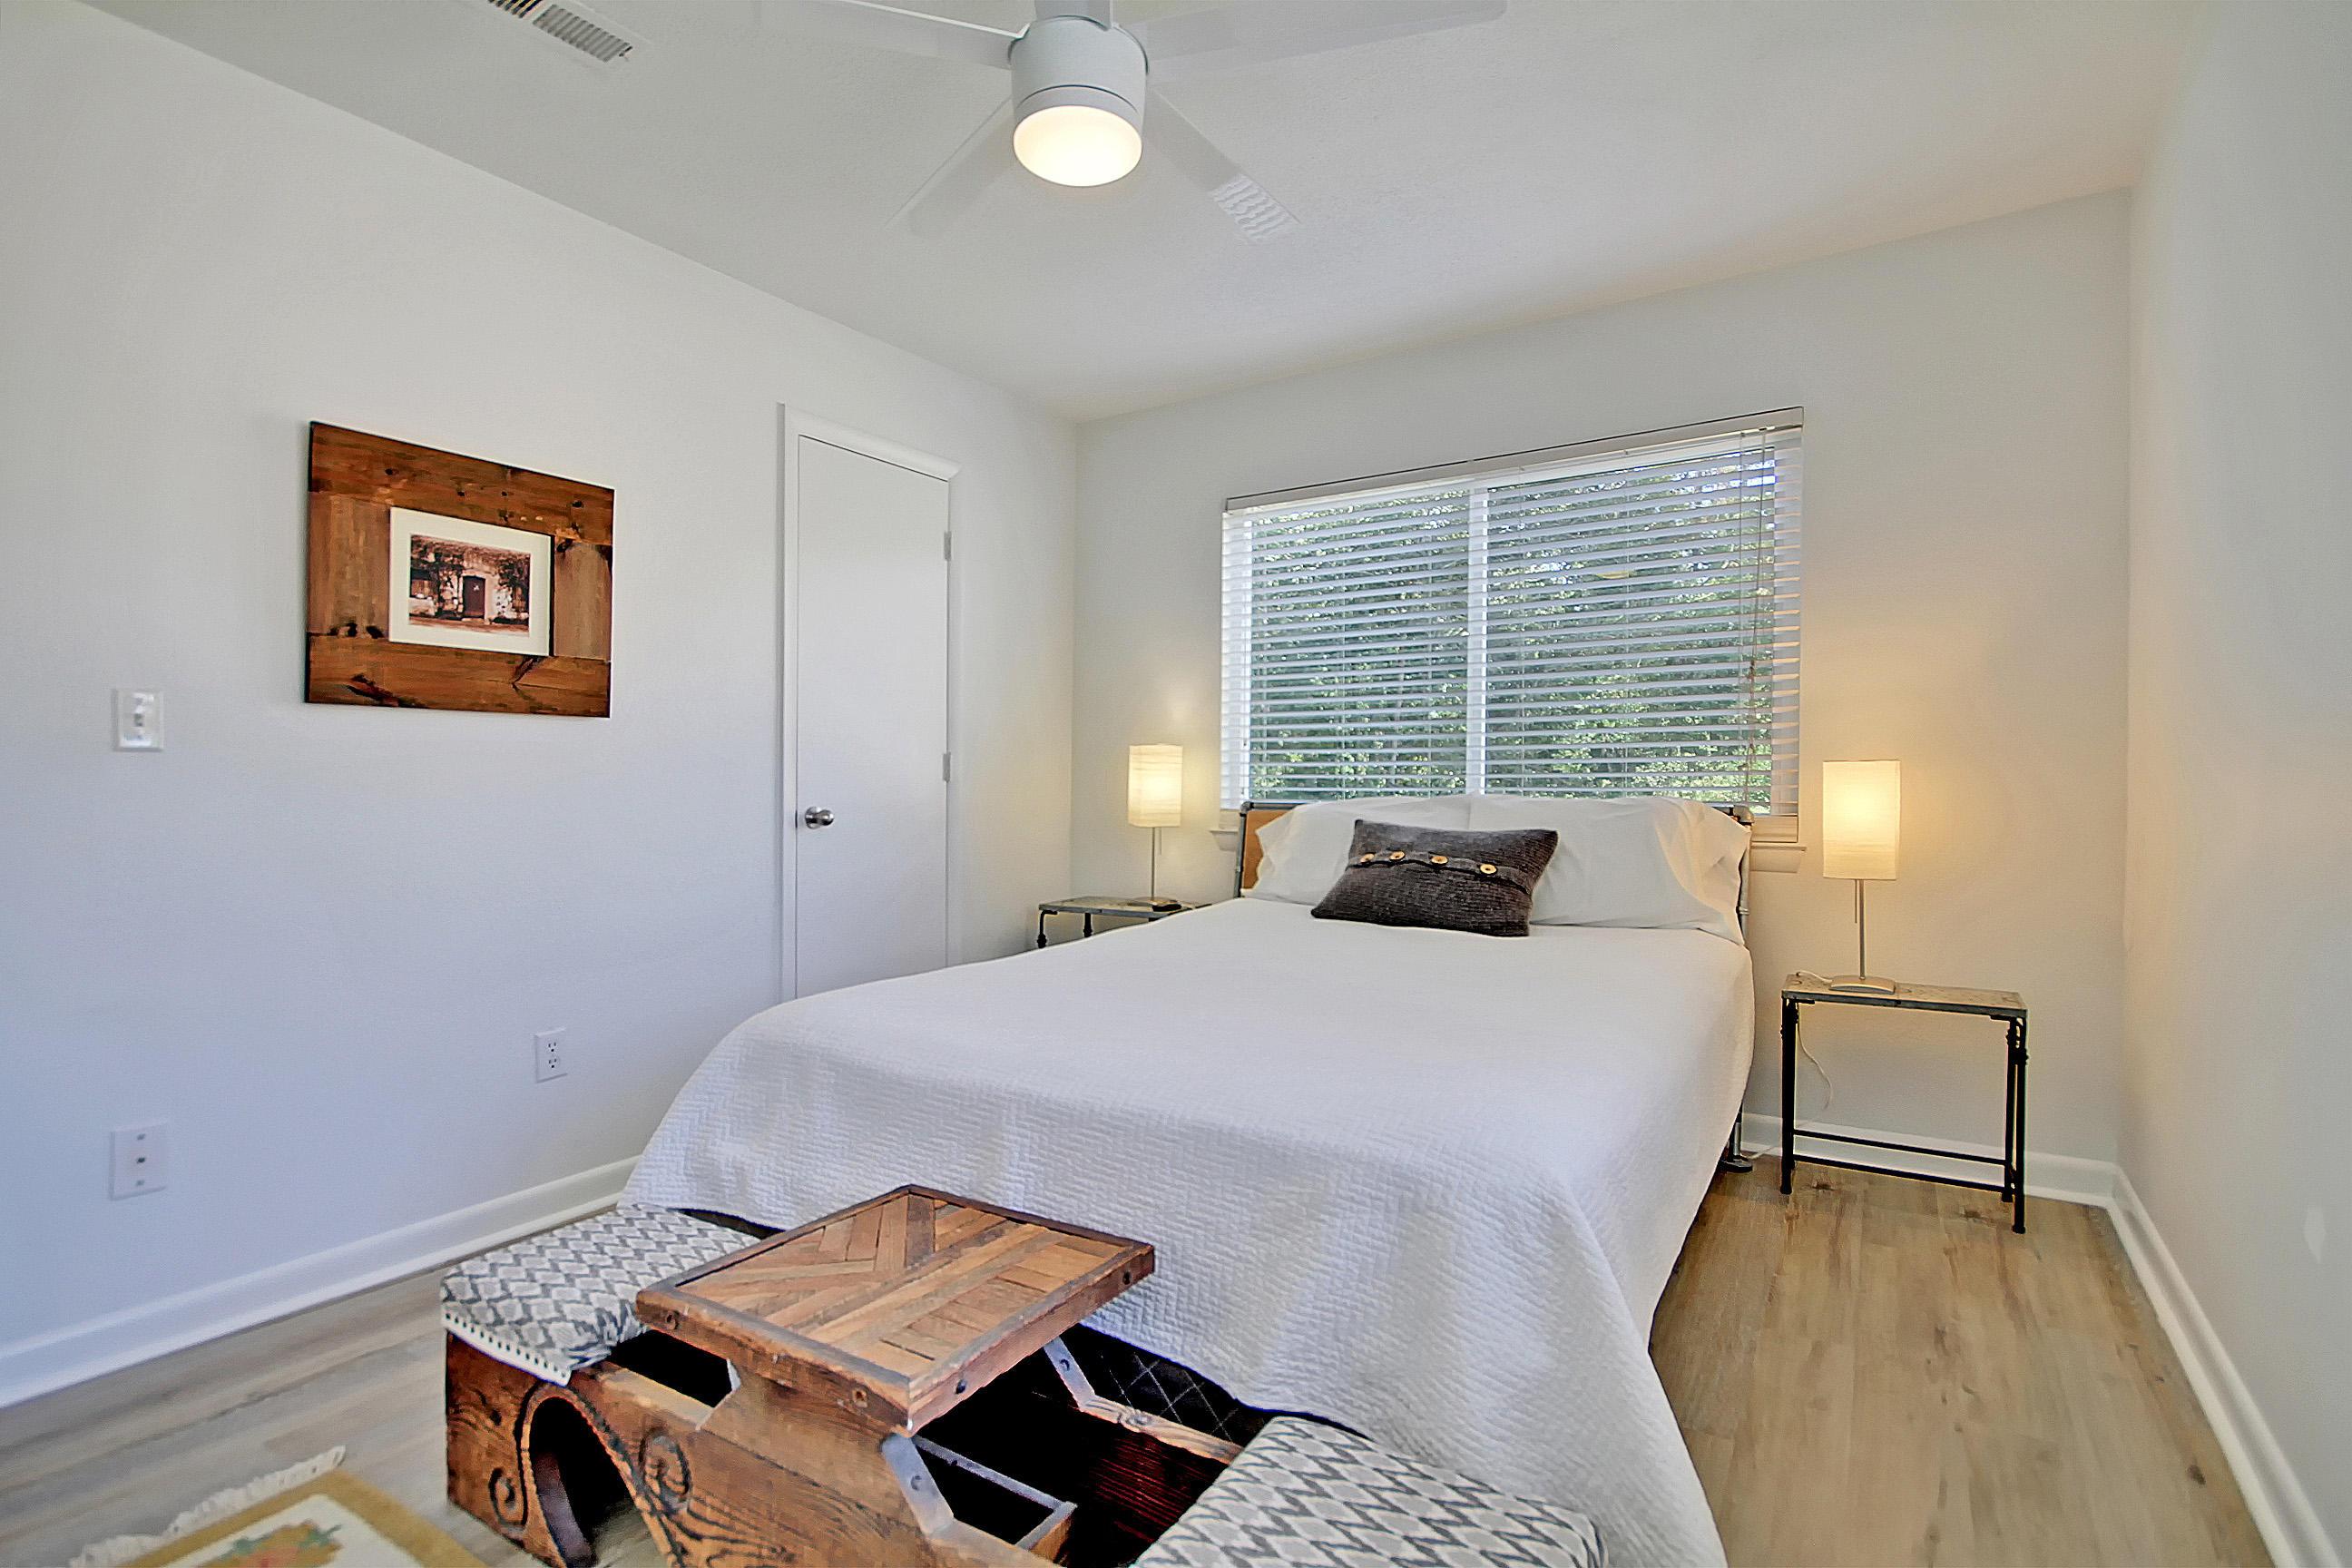 East Bridge Town Lofts Homes For Sale - 268 Alexandra, Mount Pleasant, SC - 0